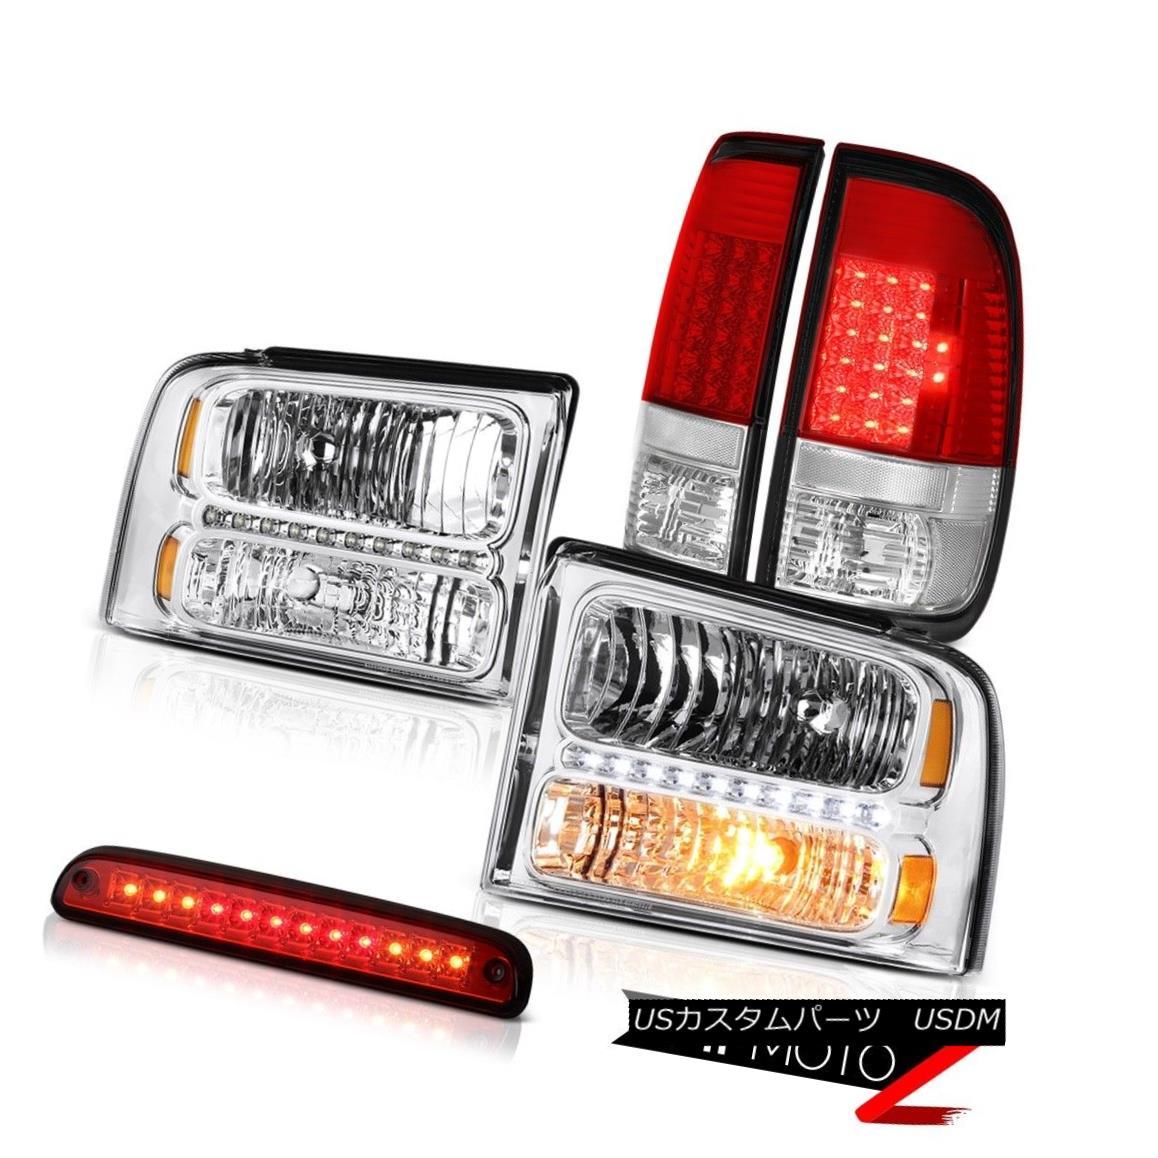 テールライト 2005-2007 F450 F550 Pair Chrome Headlights Brake Lamps Taillights Red 3rd LED 2005-2007 F450 F550ペアクロームヘッドライトブレーキランプテールライト赤3番目のLED